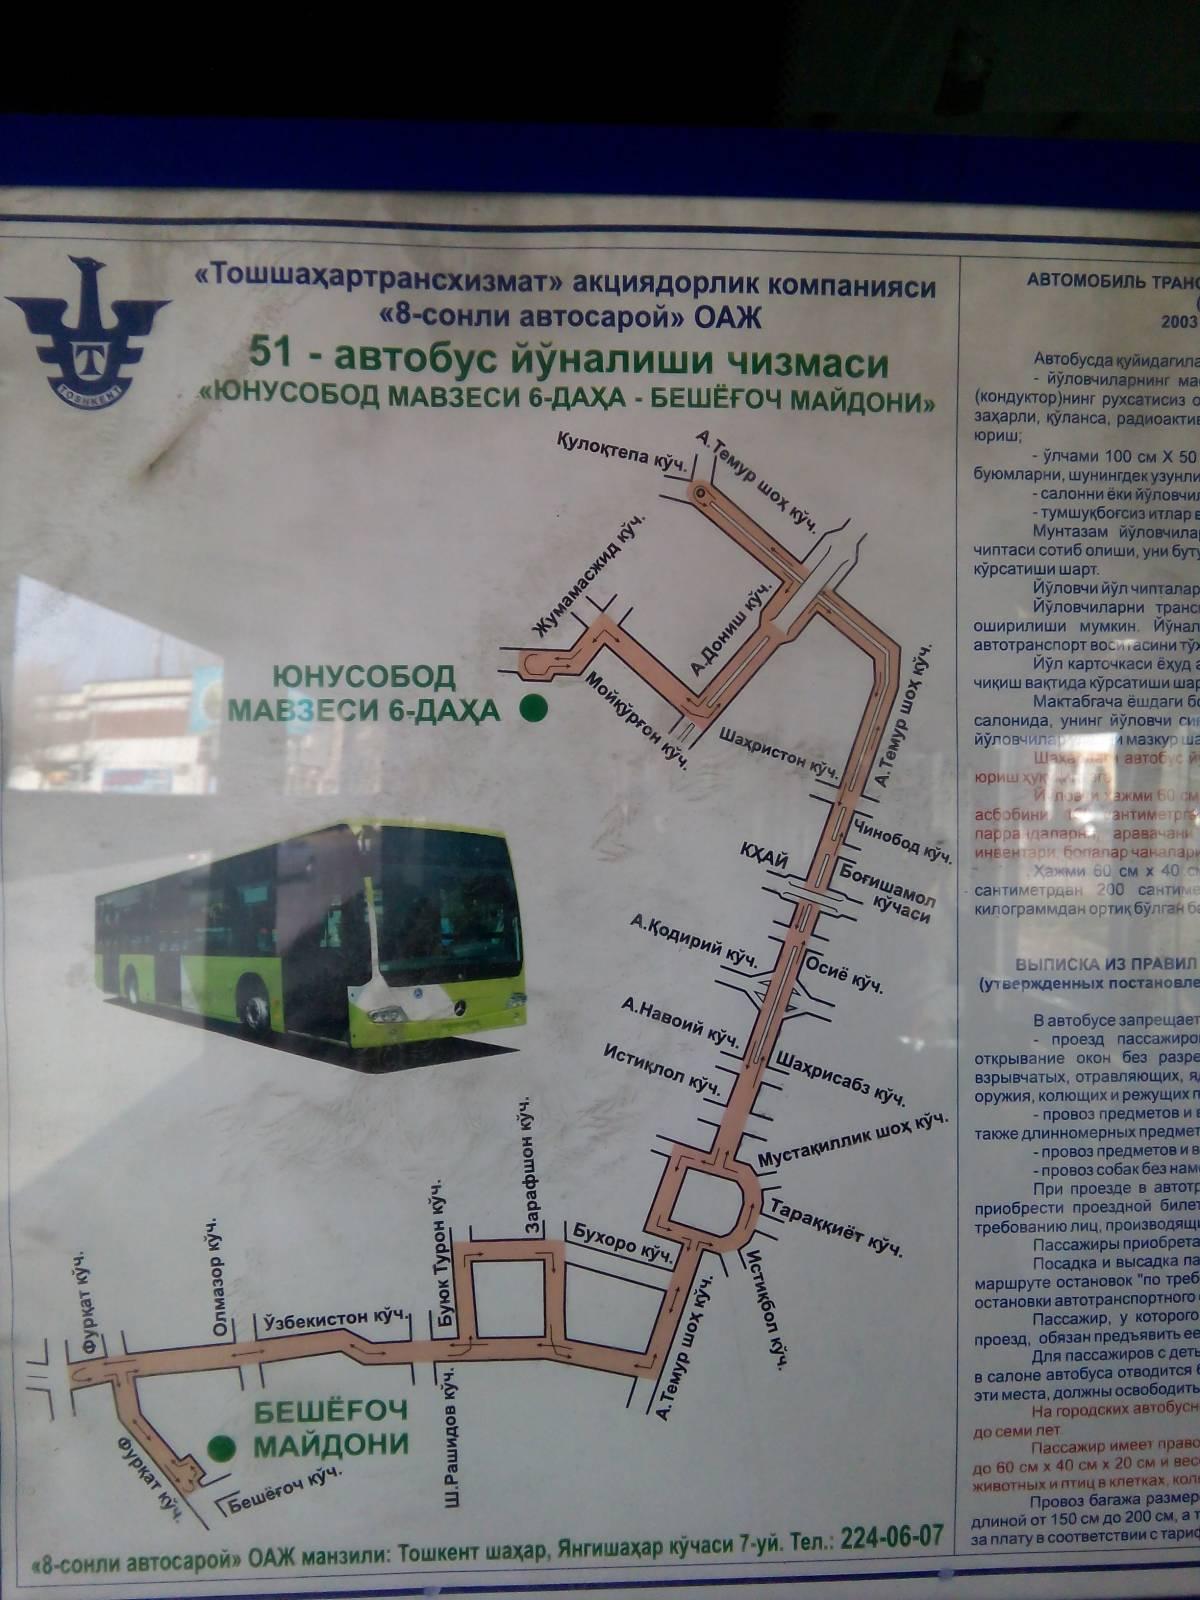 схема маршрута № т-109